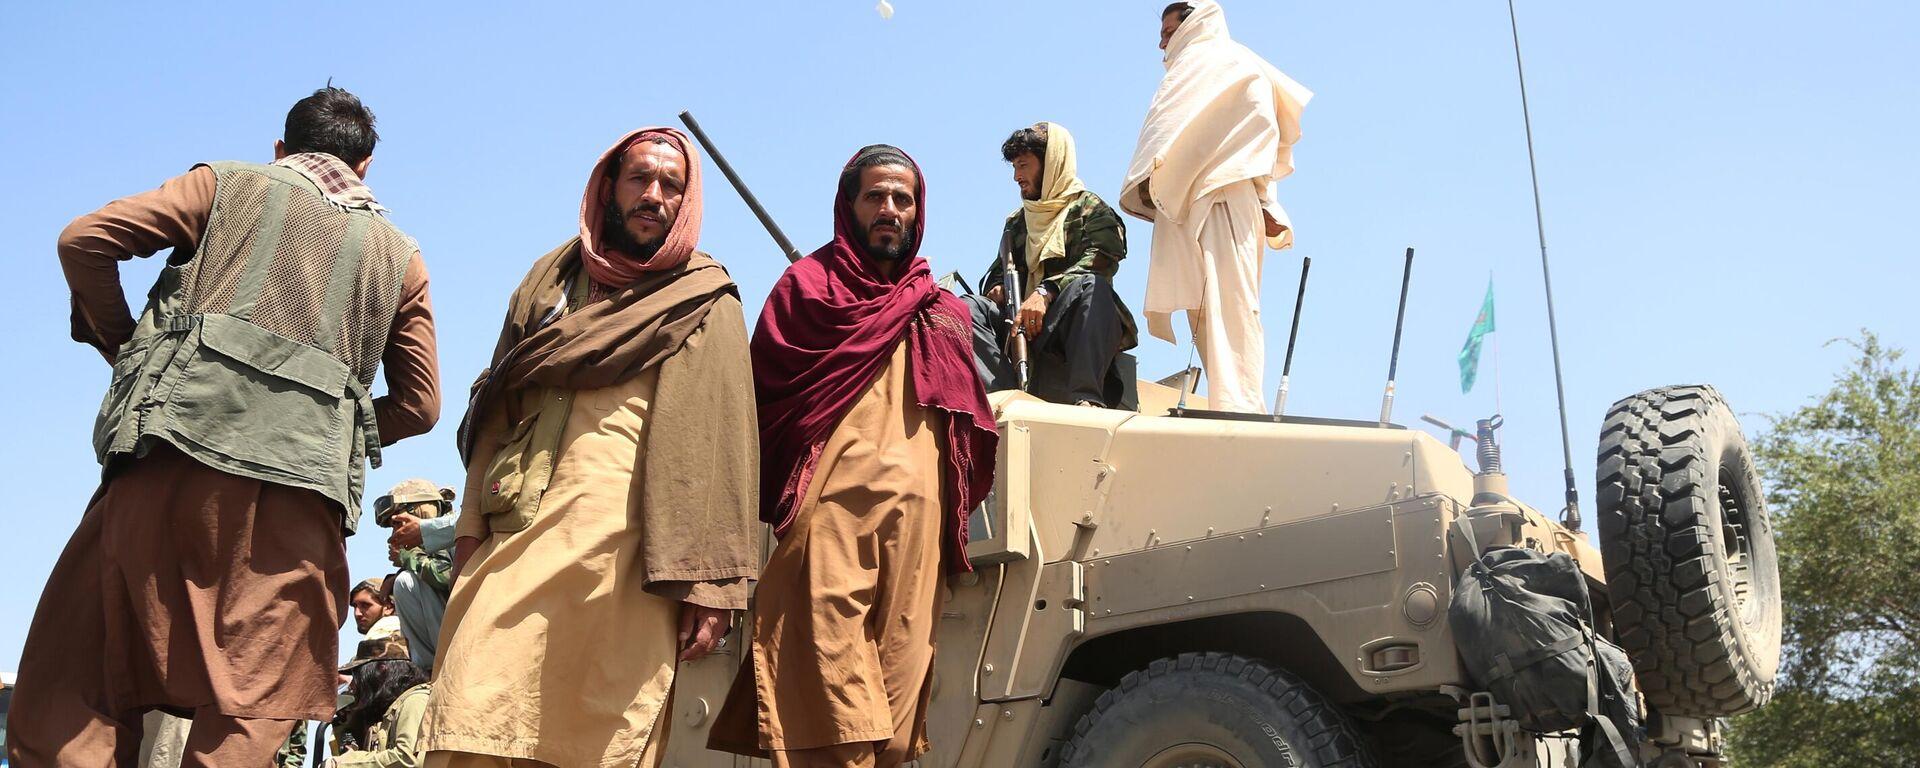 Boyeviki dvijeniya Taliban (terroristicheskaya organizatsiya, zapreщena v Rossii) v Kabule - Sputnik Oʻzbekiston, 1920, 19.08.2021